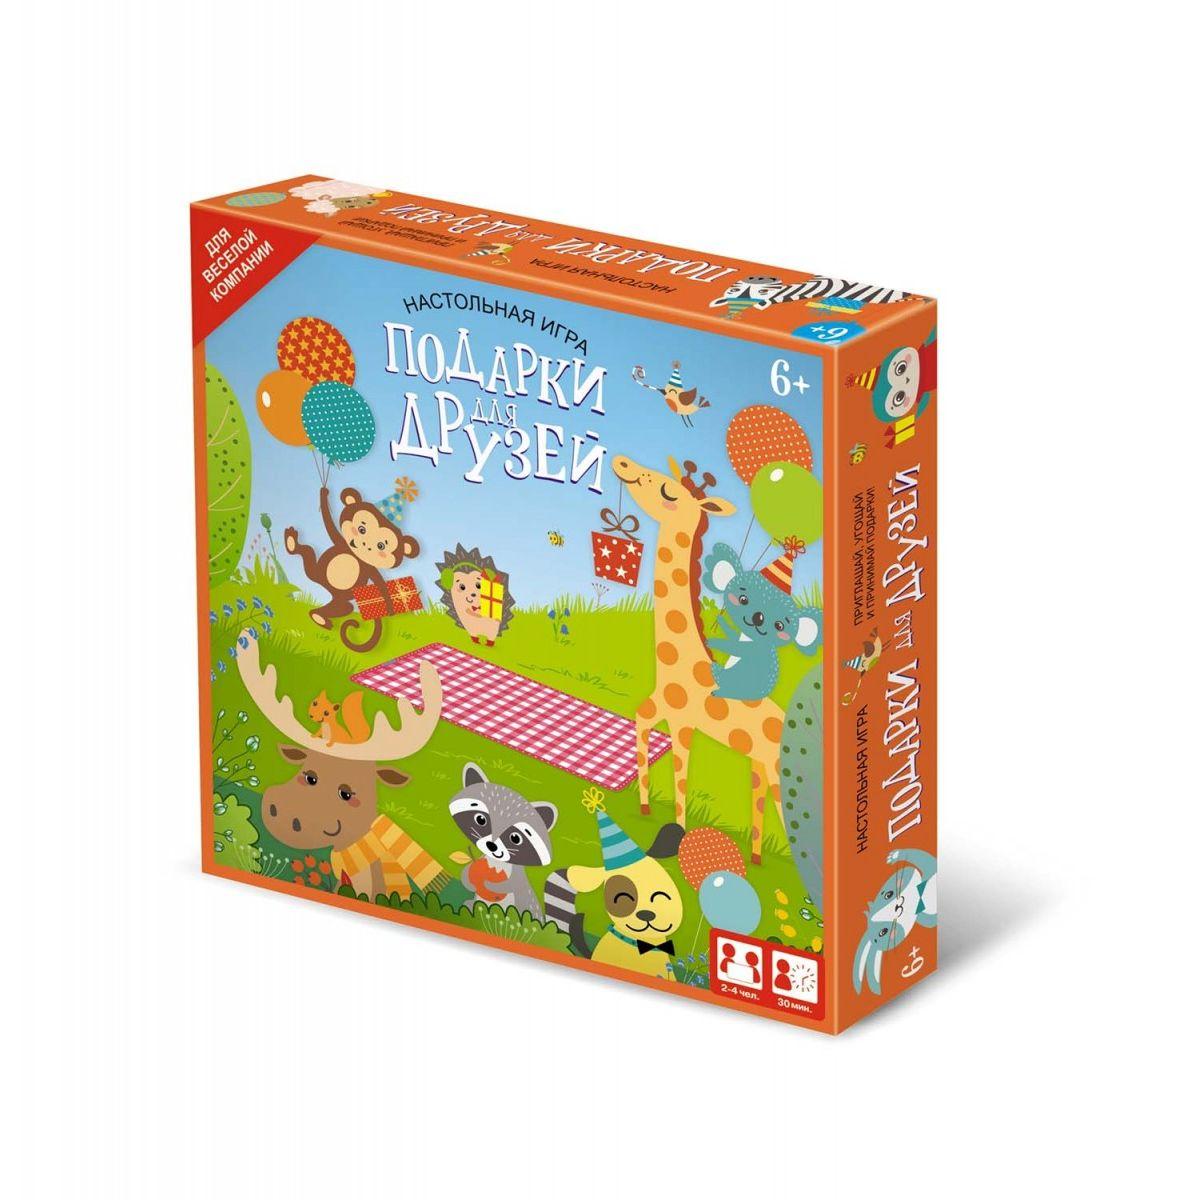 Купить ORIGAMI Настольная игра Подарки для друзей 5358, Китай